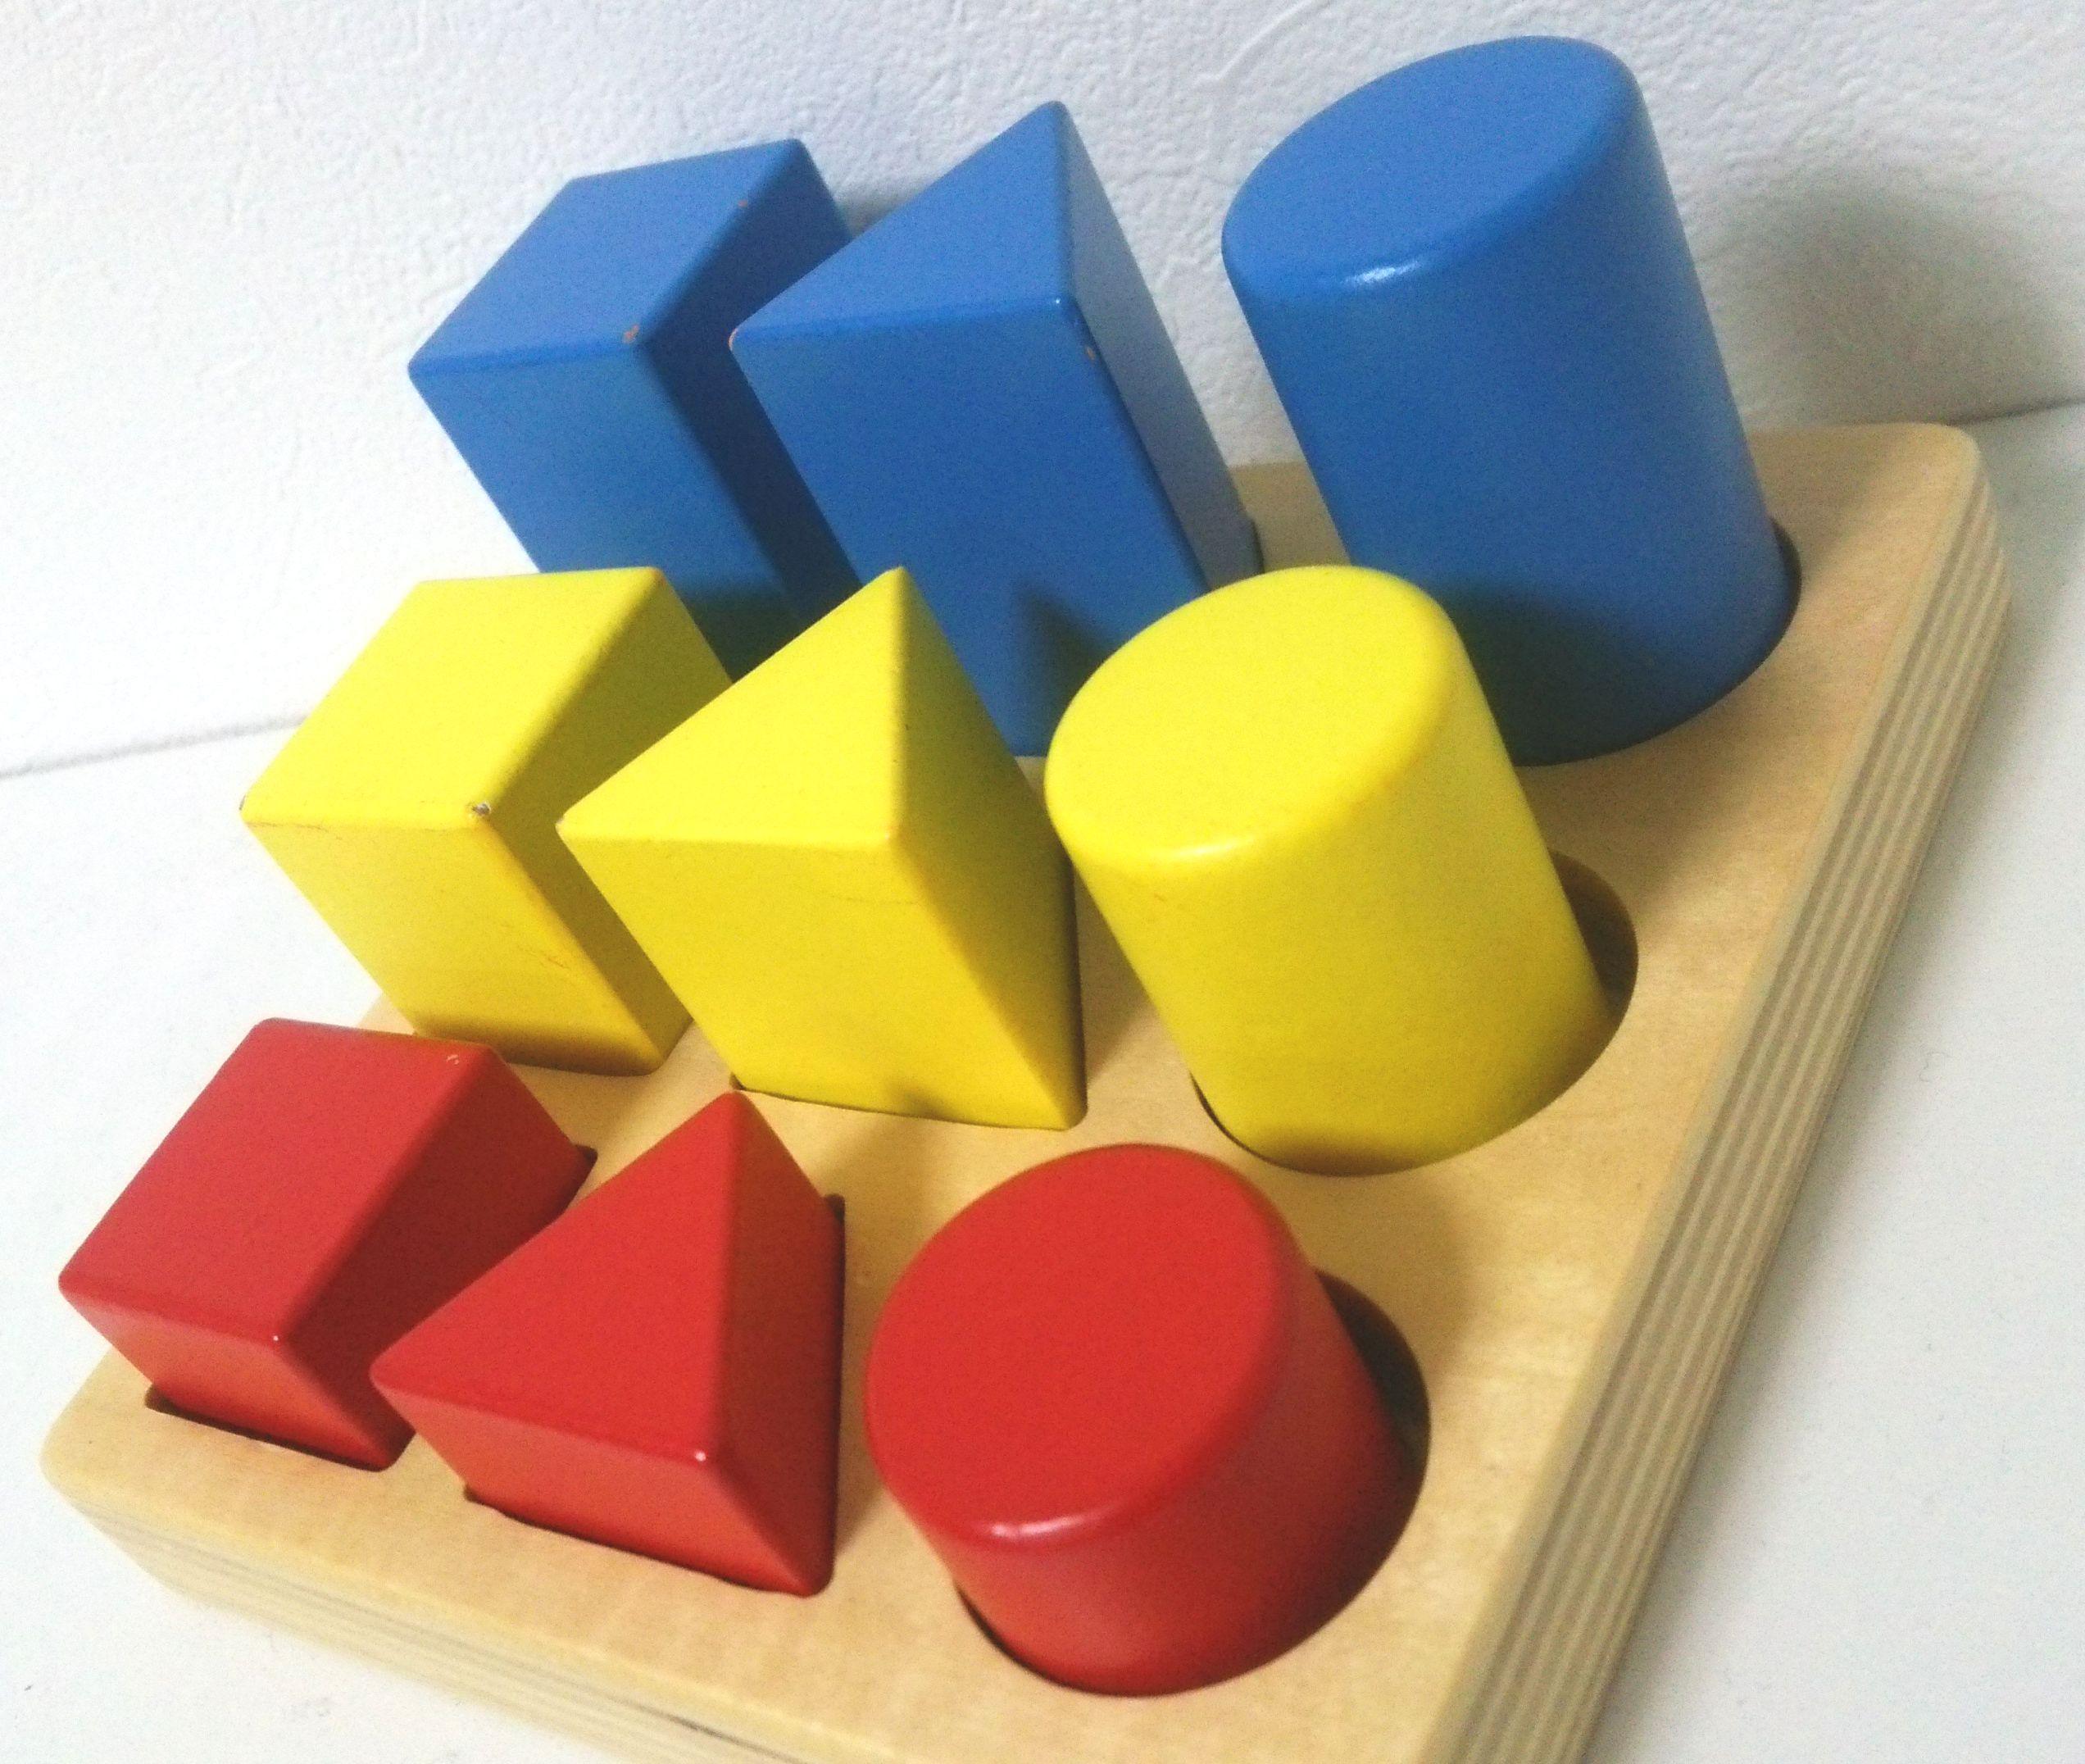 「高さ」の比較を学べる木製パズル~ダイワ『3色パズル』